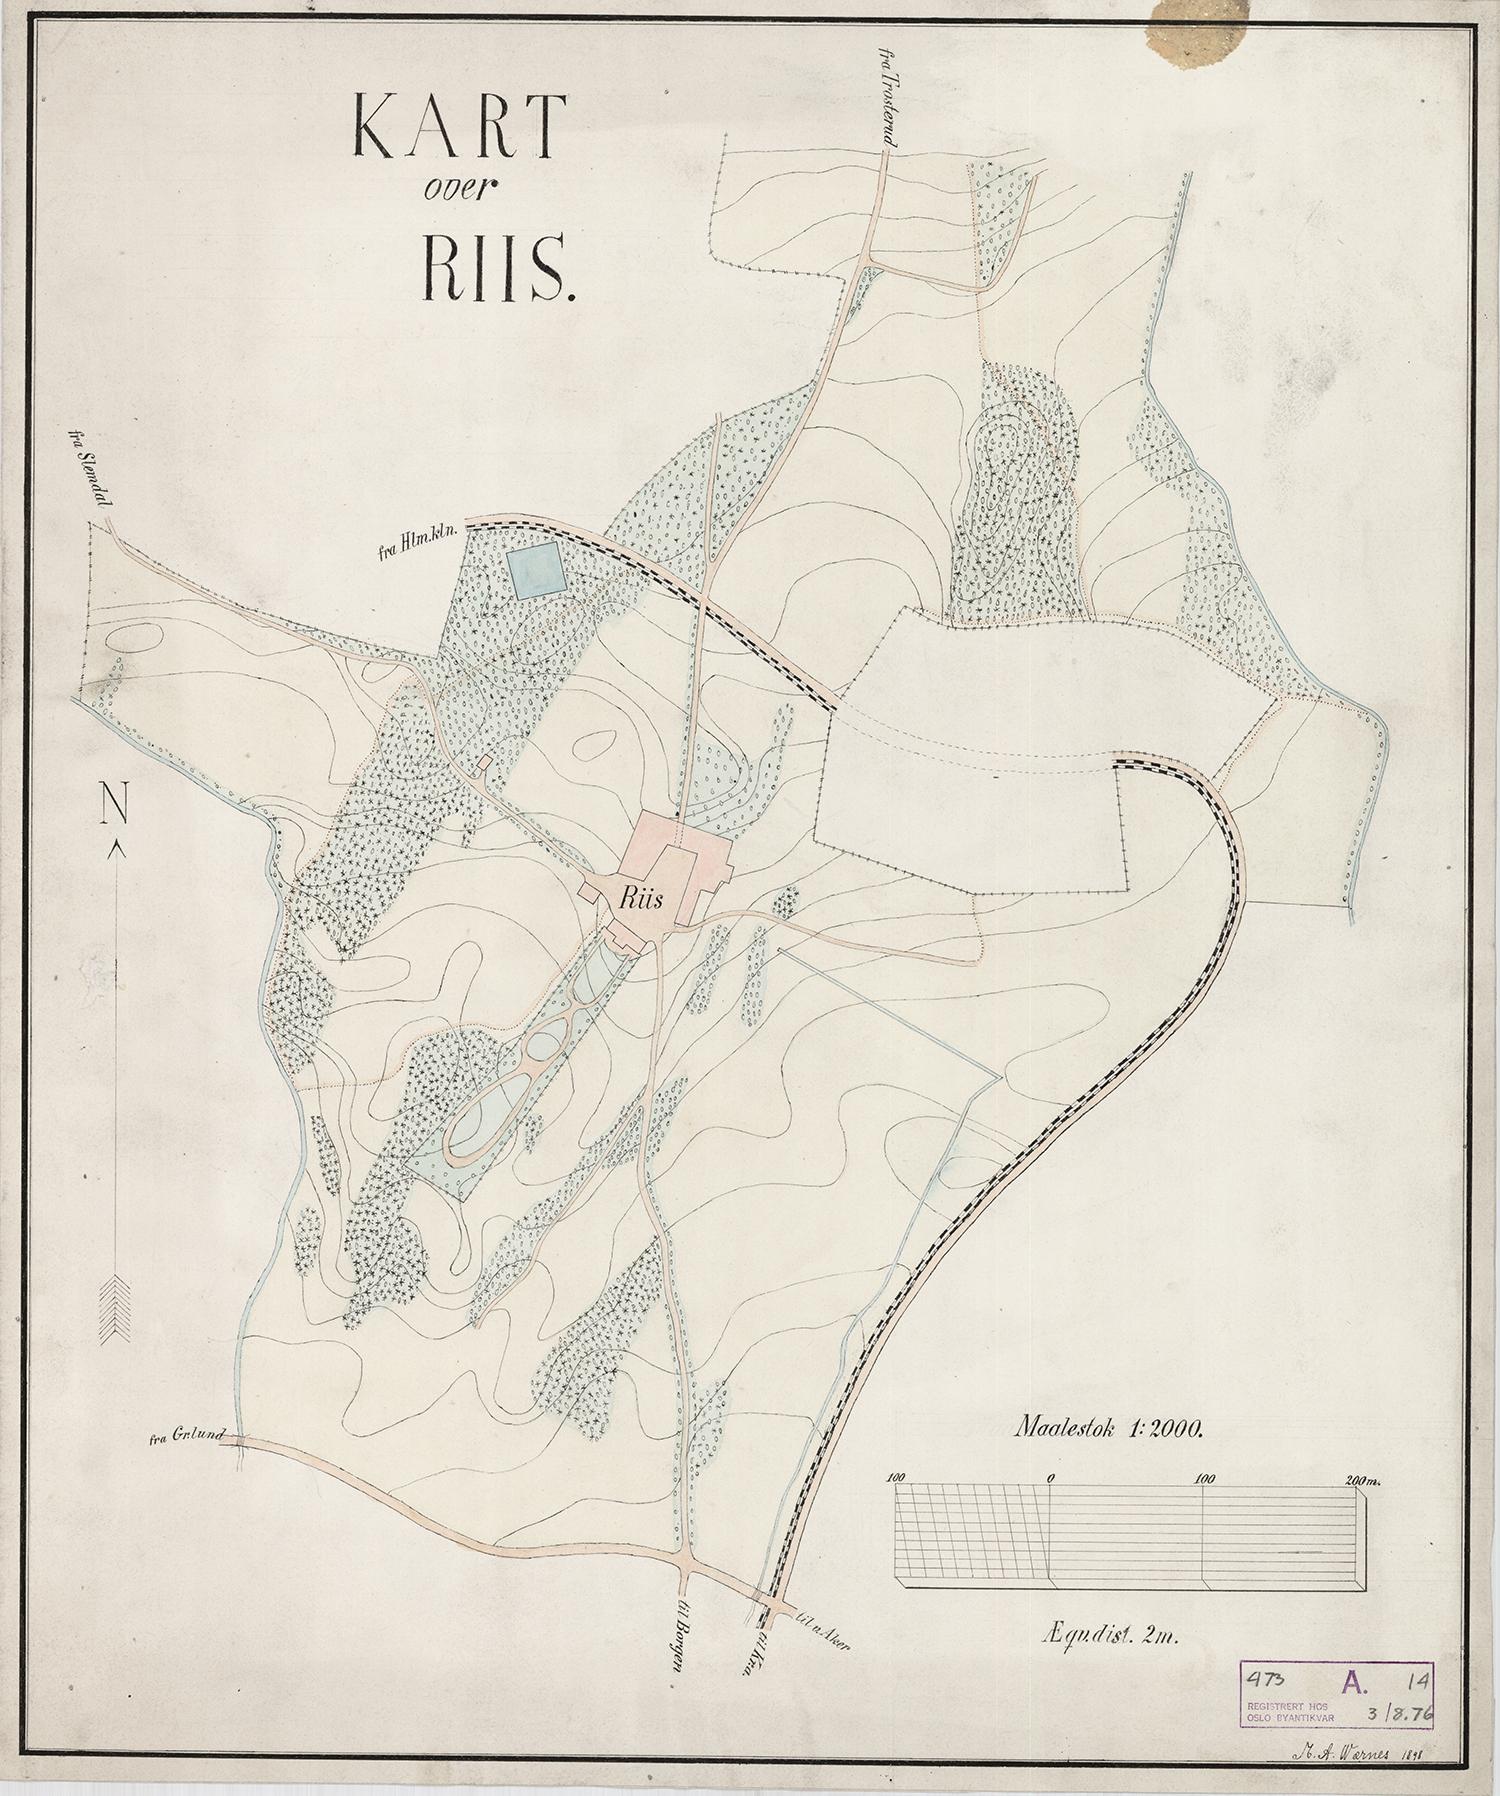 Kart over Ris gård fra 1898.